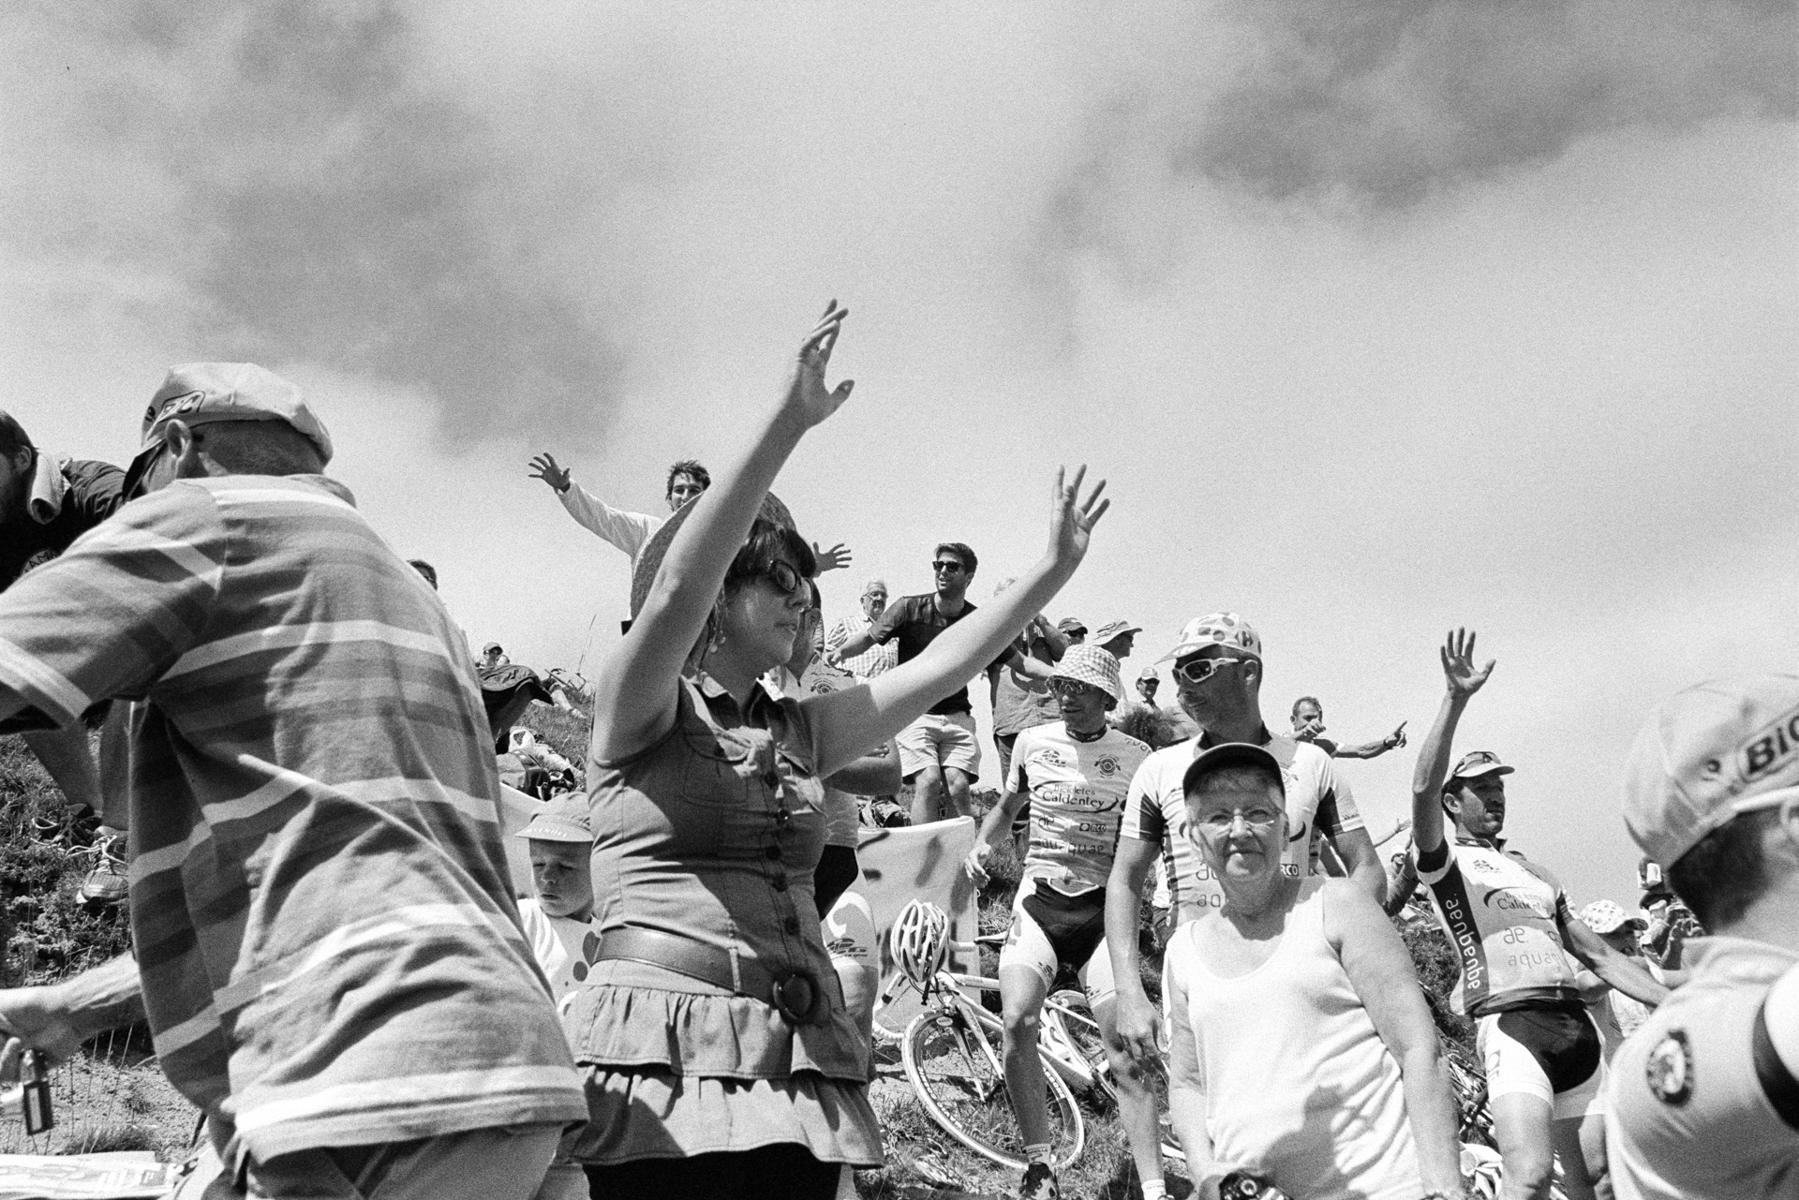 Le Tour de France 2014 The little gifts from the caravan like sweets, give-aways and hats are very popular ... Les petits cadeaux de la caravane publicitaire comme les bonbons, les jouets et les casquettes sont très populaires ... Die kleinen Geschenke der Werbekarawane – wie Süßigkeiten, Give-aways und Kappen – sind sehr beliebt ... Los detailles que reparte la caravana como dulces, gorras y agua son muy populares